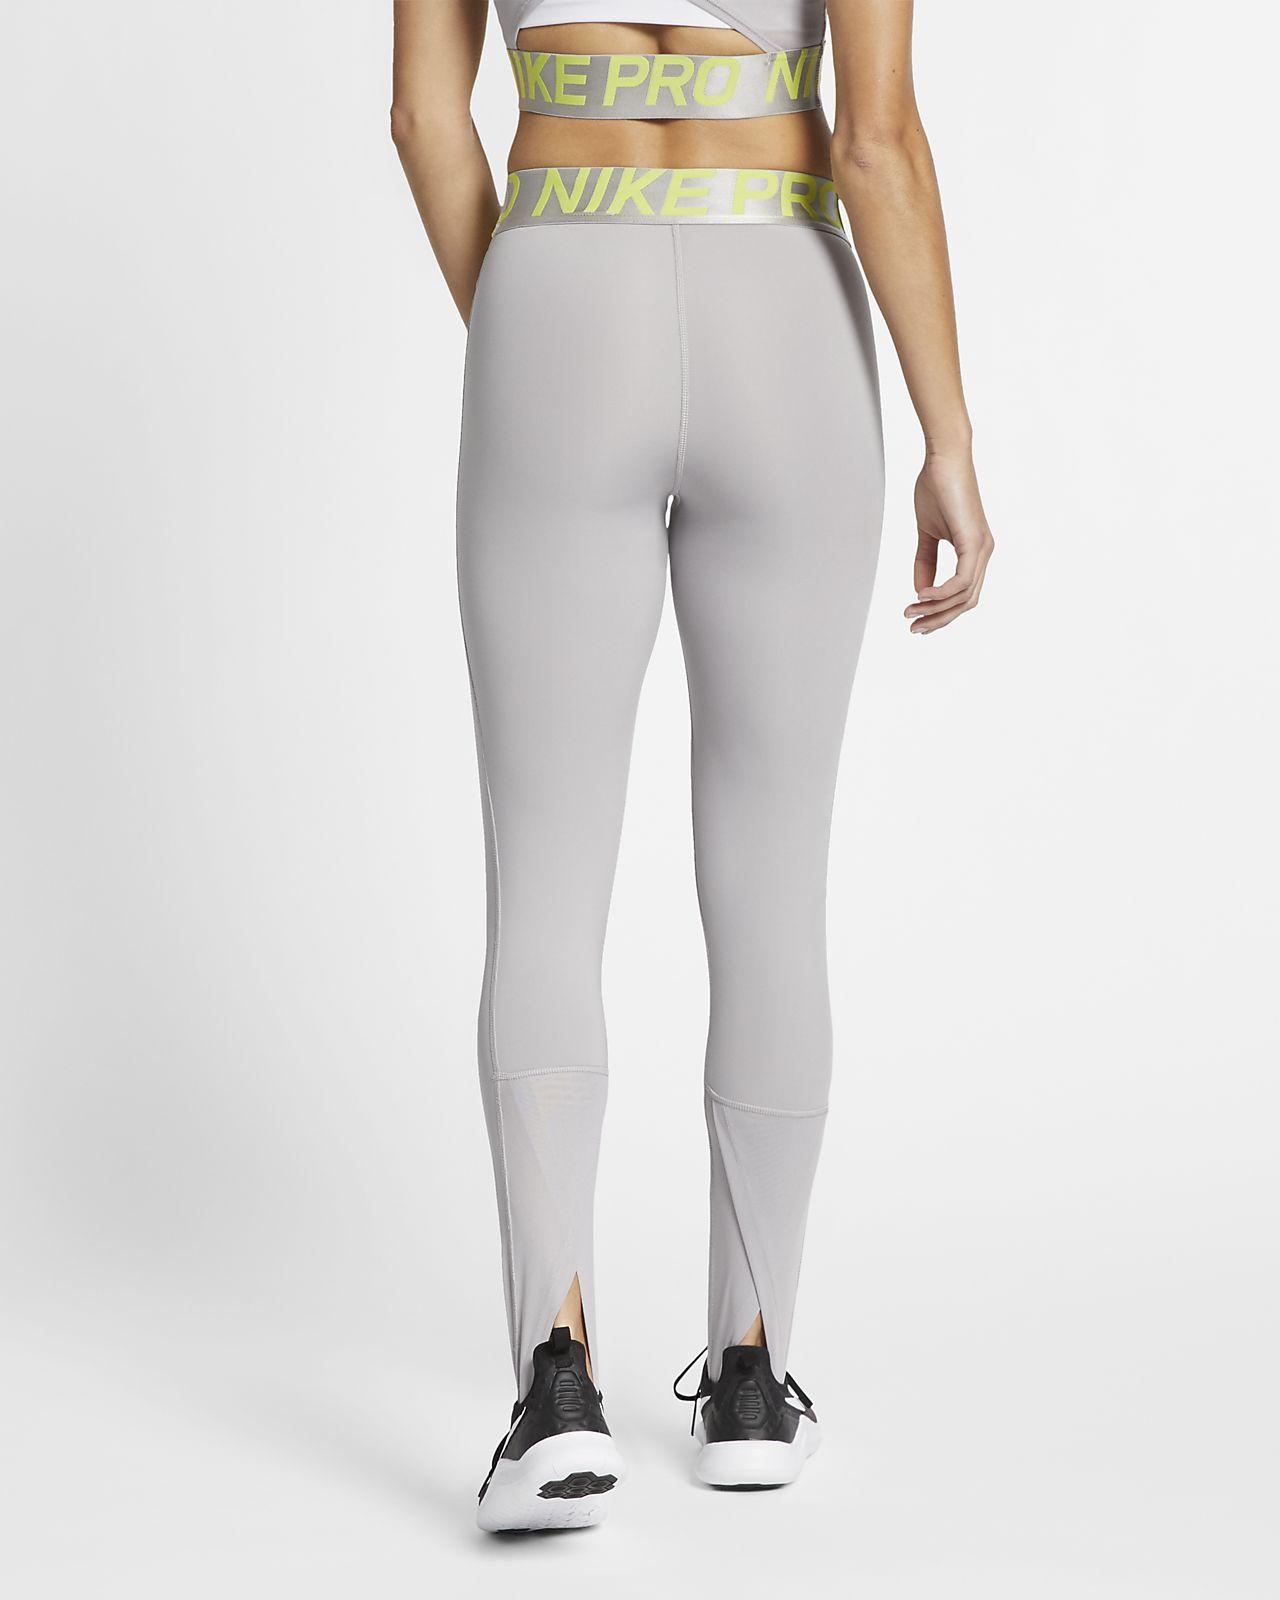 4643e273f486f Low Resolution Nike Pro Intertwist Women's Tights Nike Pro Intertwist  Women's Tights